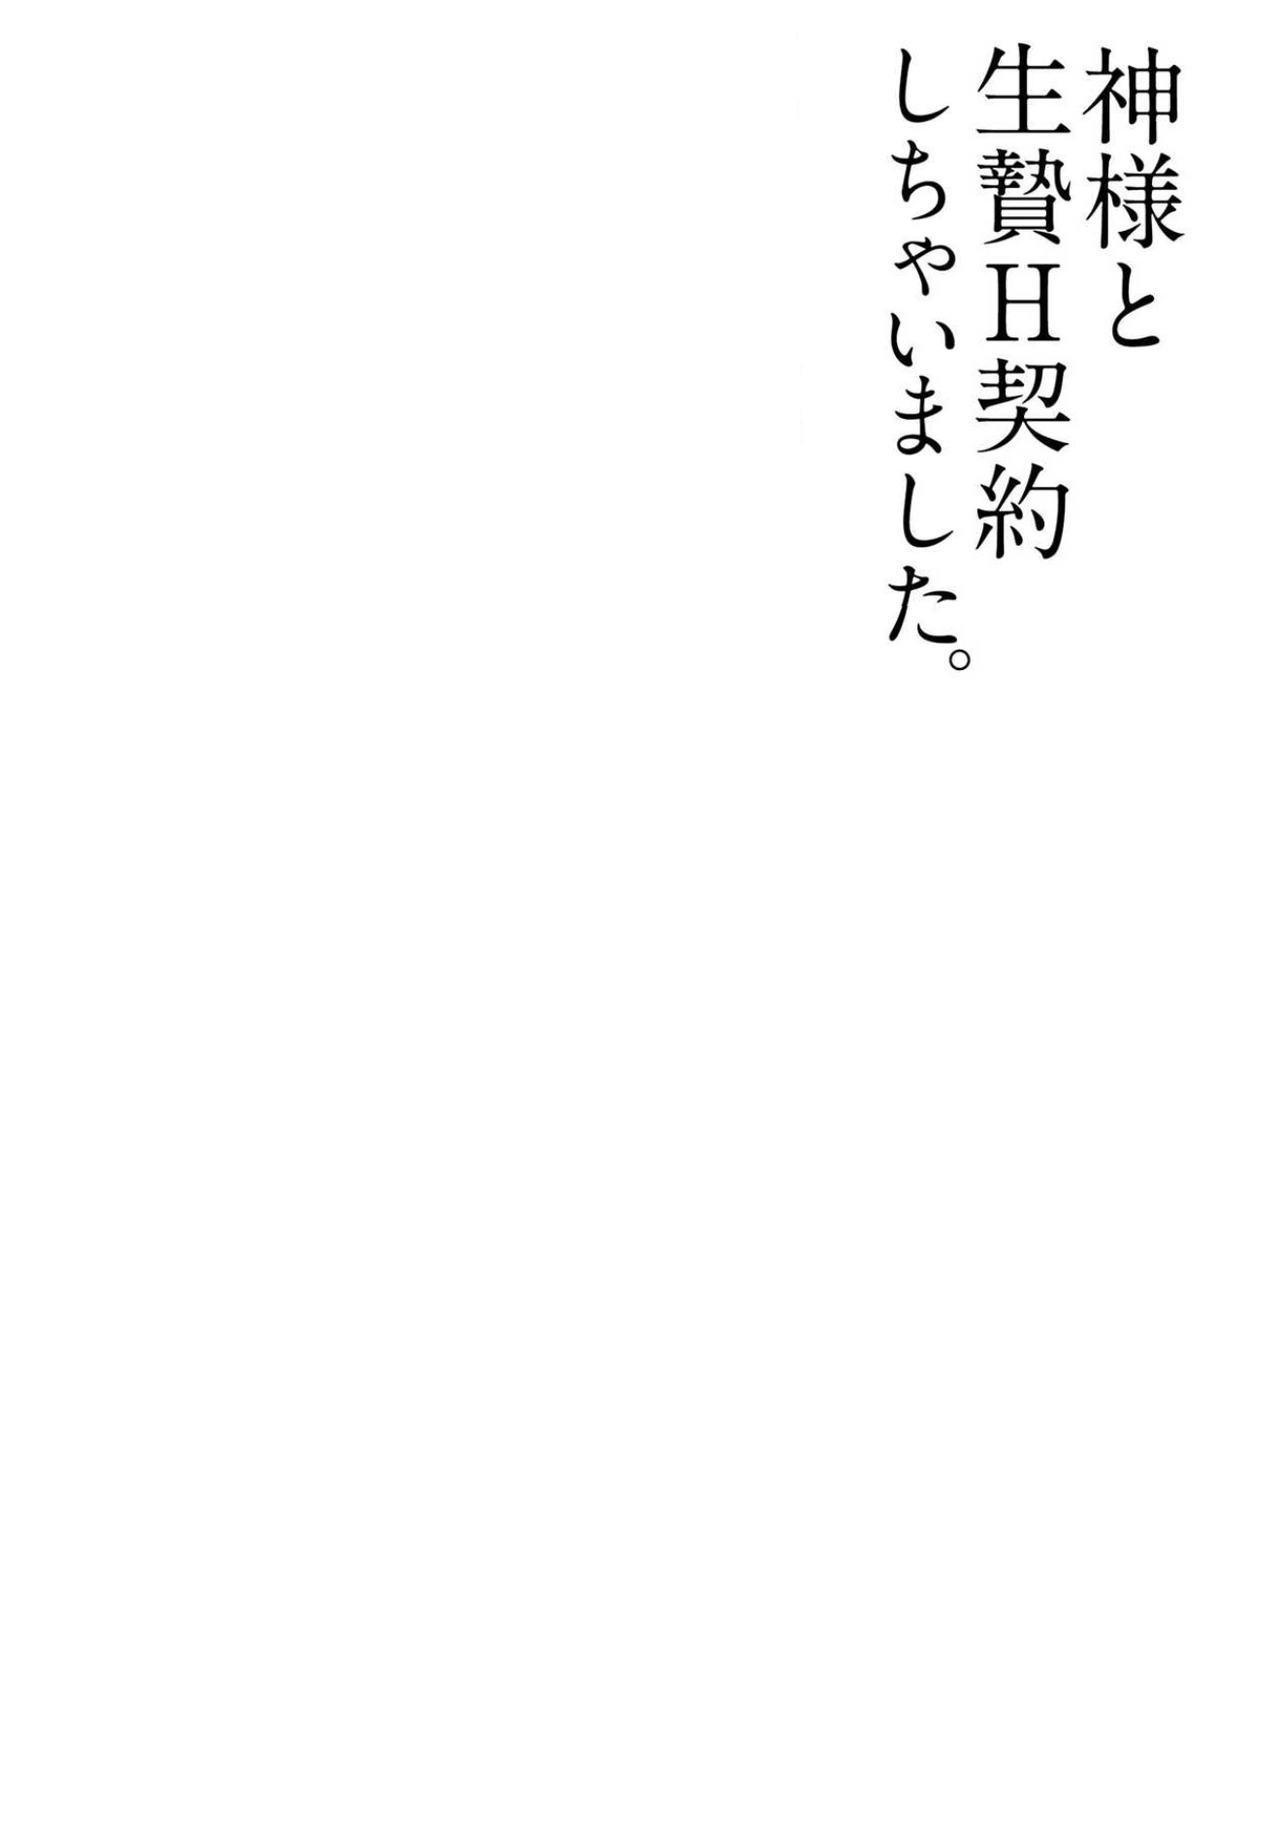 [Hachikawa Kyuu] Kami-sama to Ikenie H Keiyaku Shichaimashita | 我与神明大人签订了祭品H契约 1-3 [Chinese] [莉赛特汉化组] 56